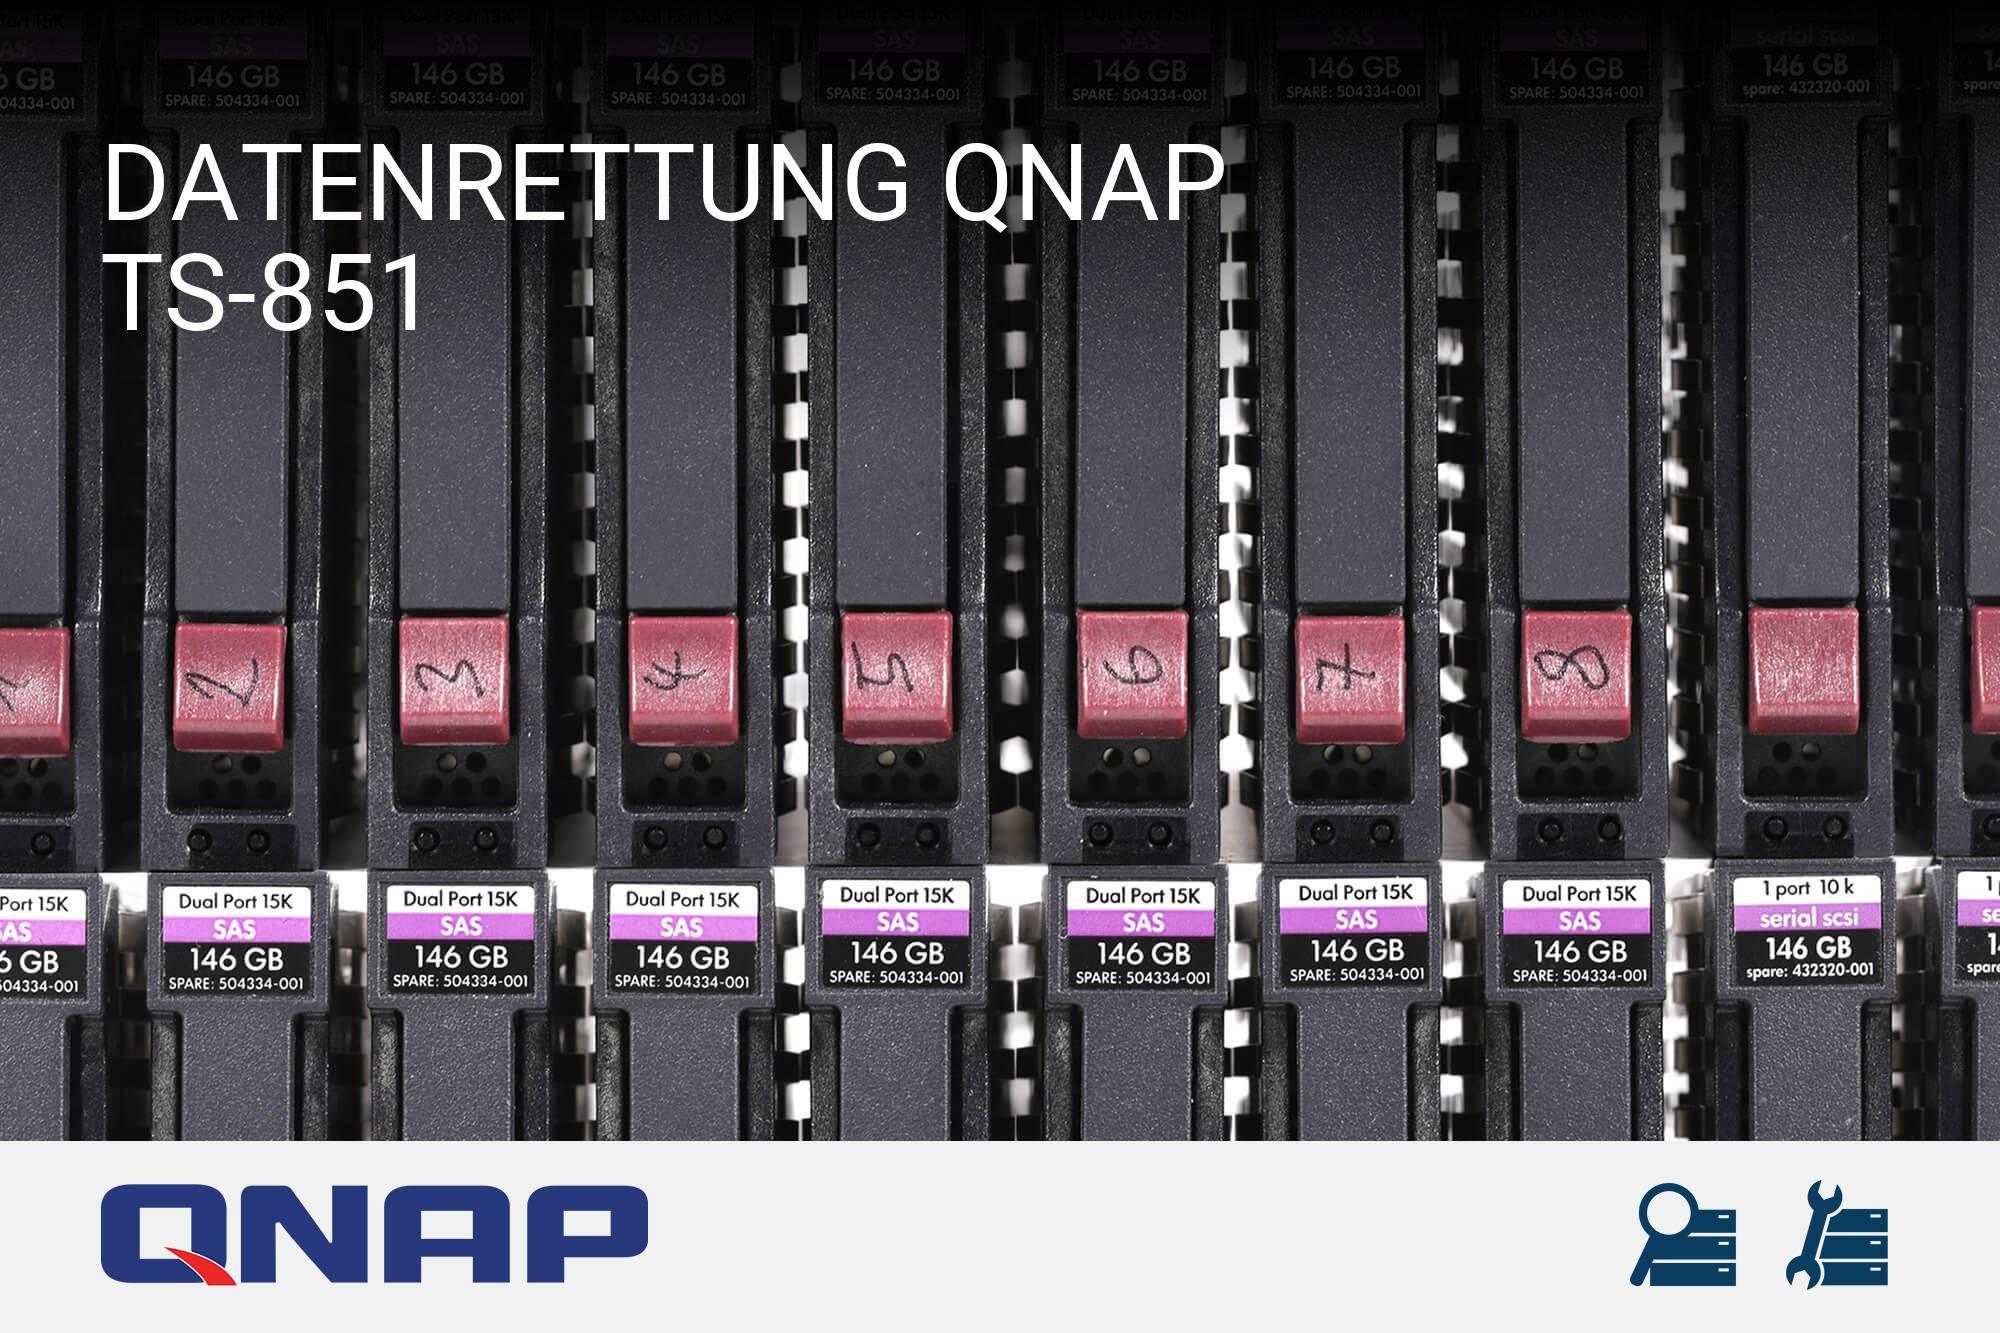 QNAP TS-851